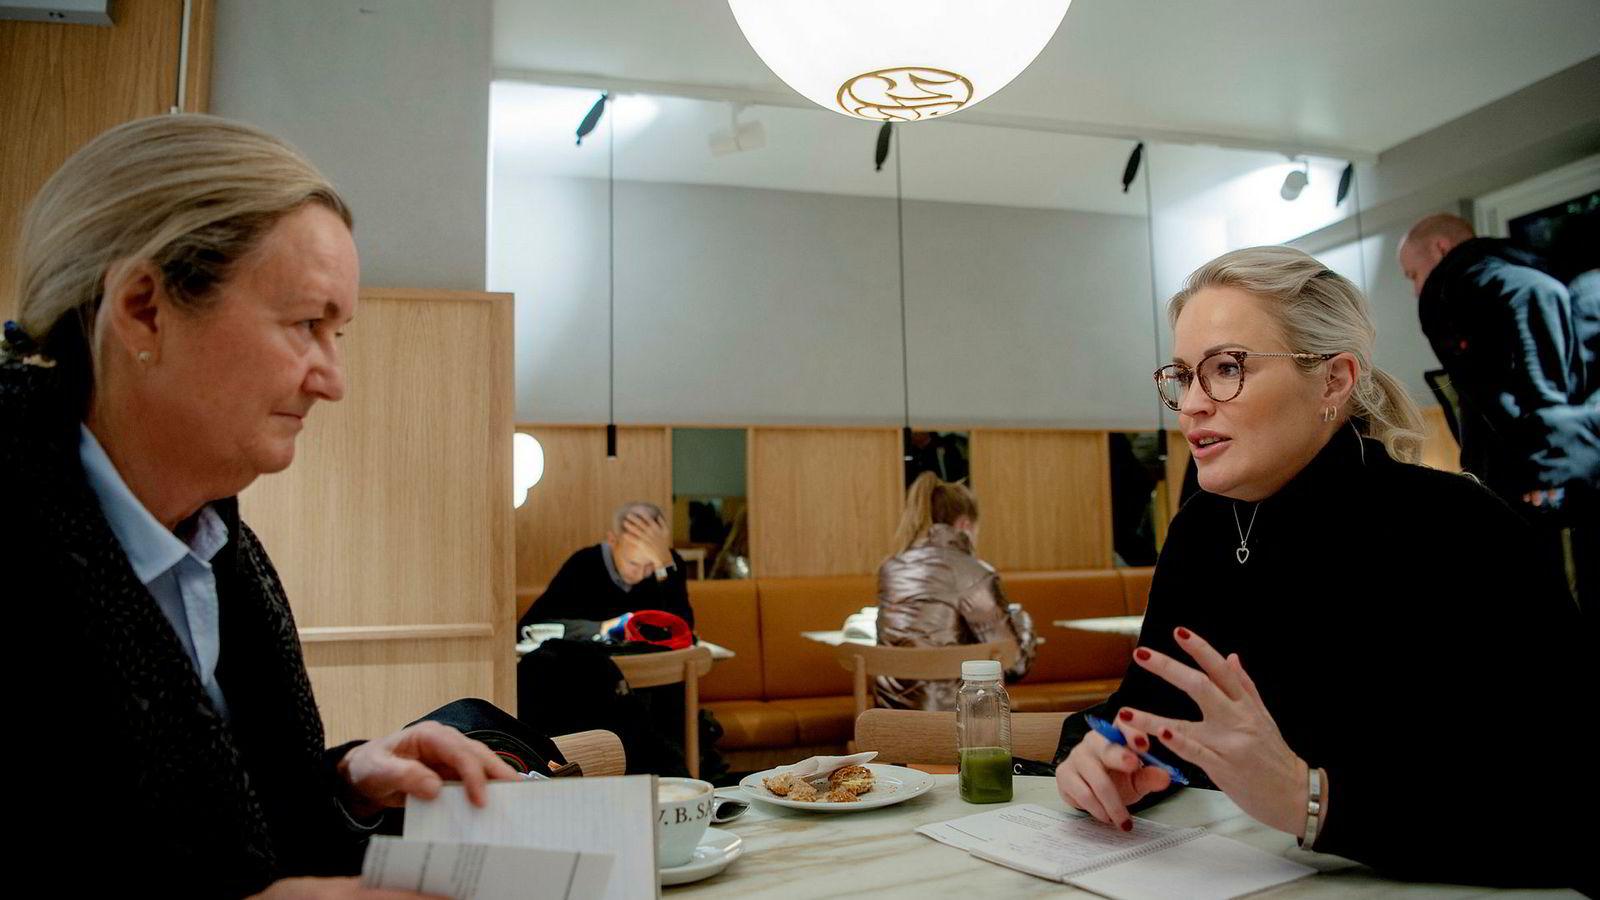 Mellomleder på Diakonhjemmet sykehus, Stine Bøe Gundersen (40) har lært ledelsesknep av sin mentor, Rotary-medlem og mangeårig DnB-leder Siri Røsberg (62).